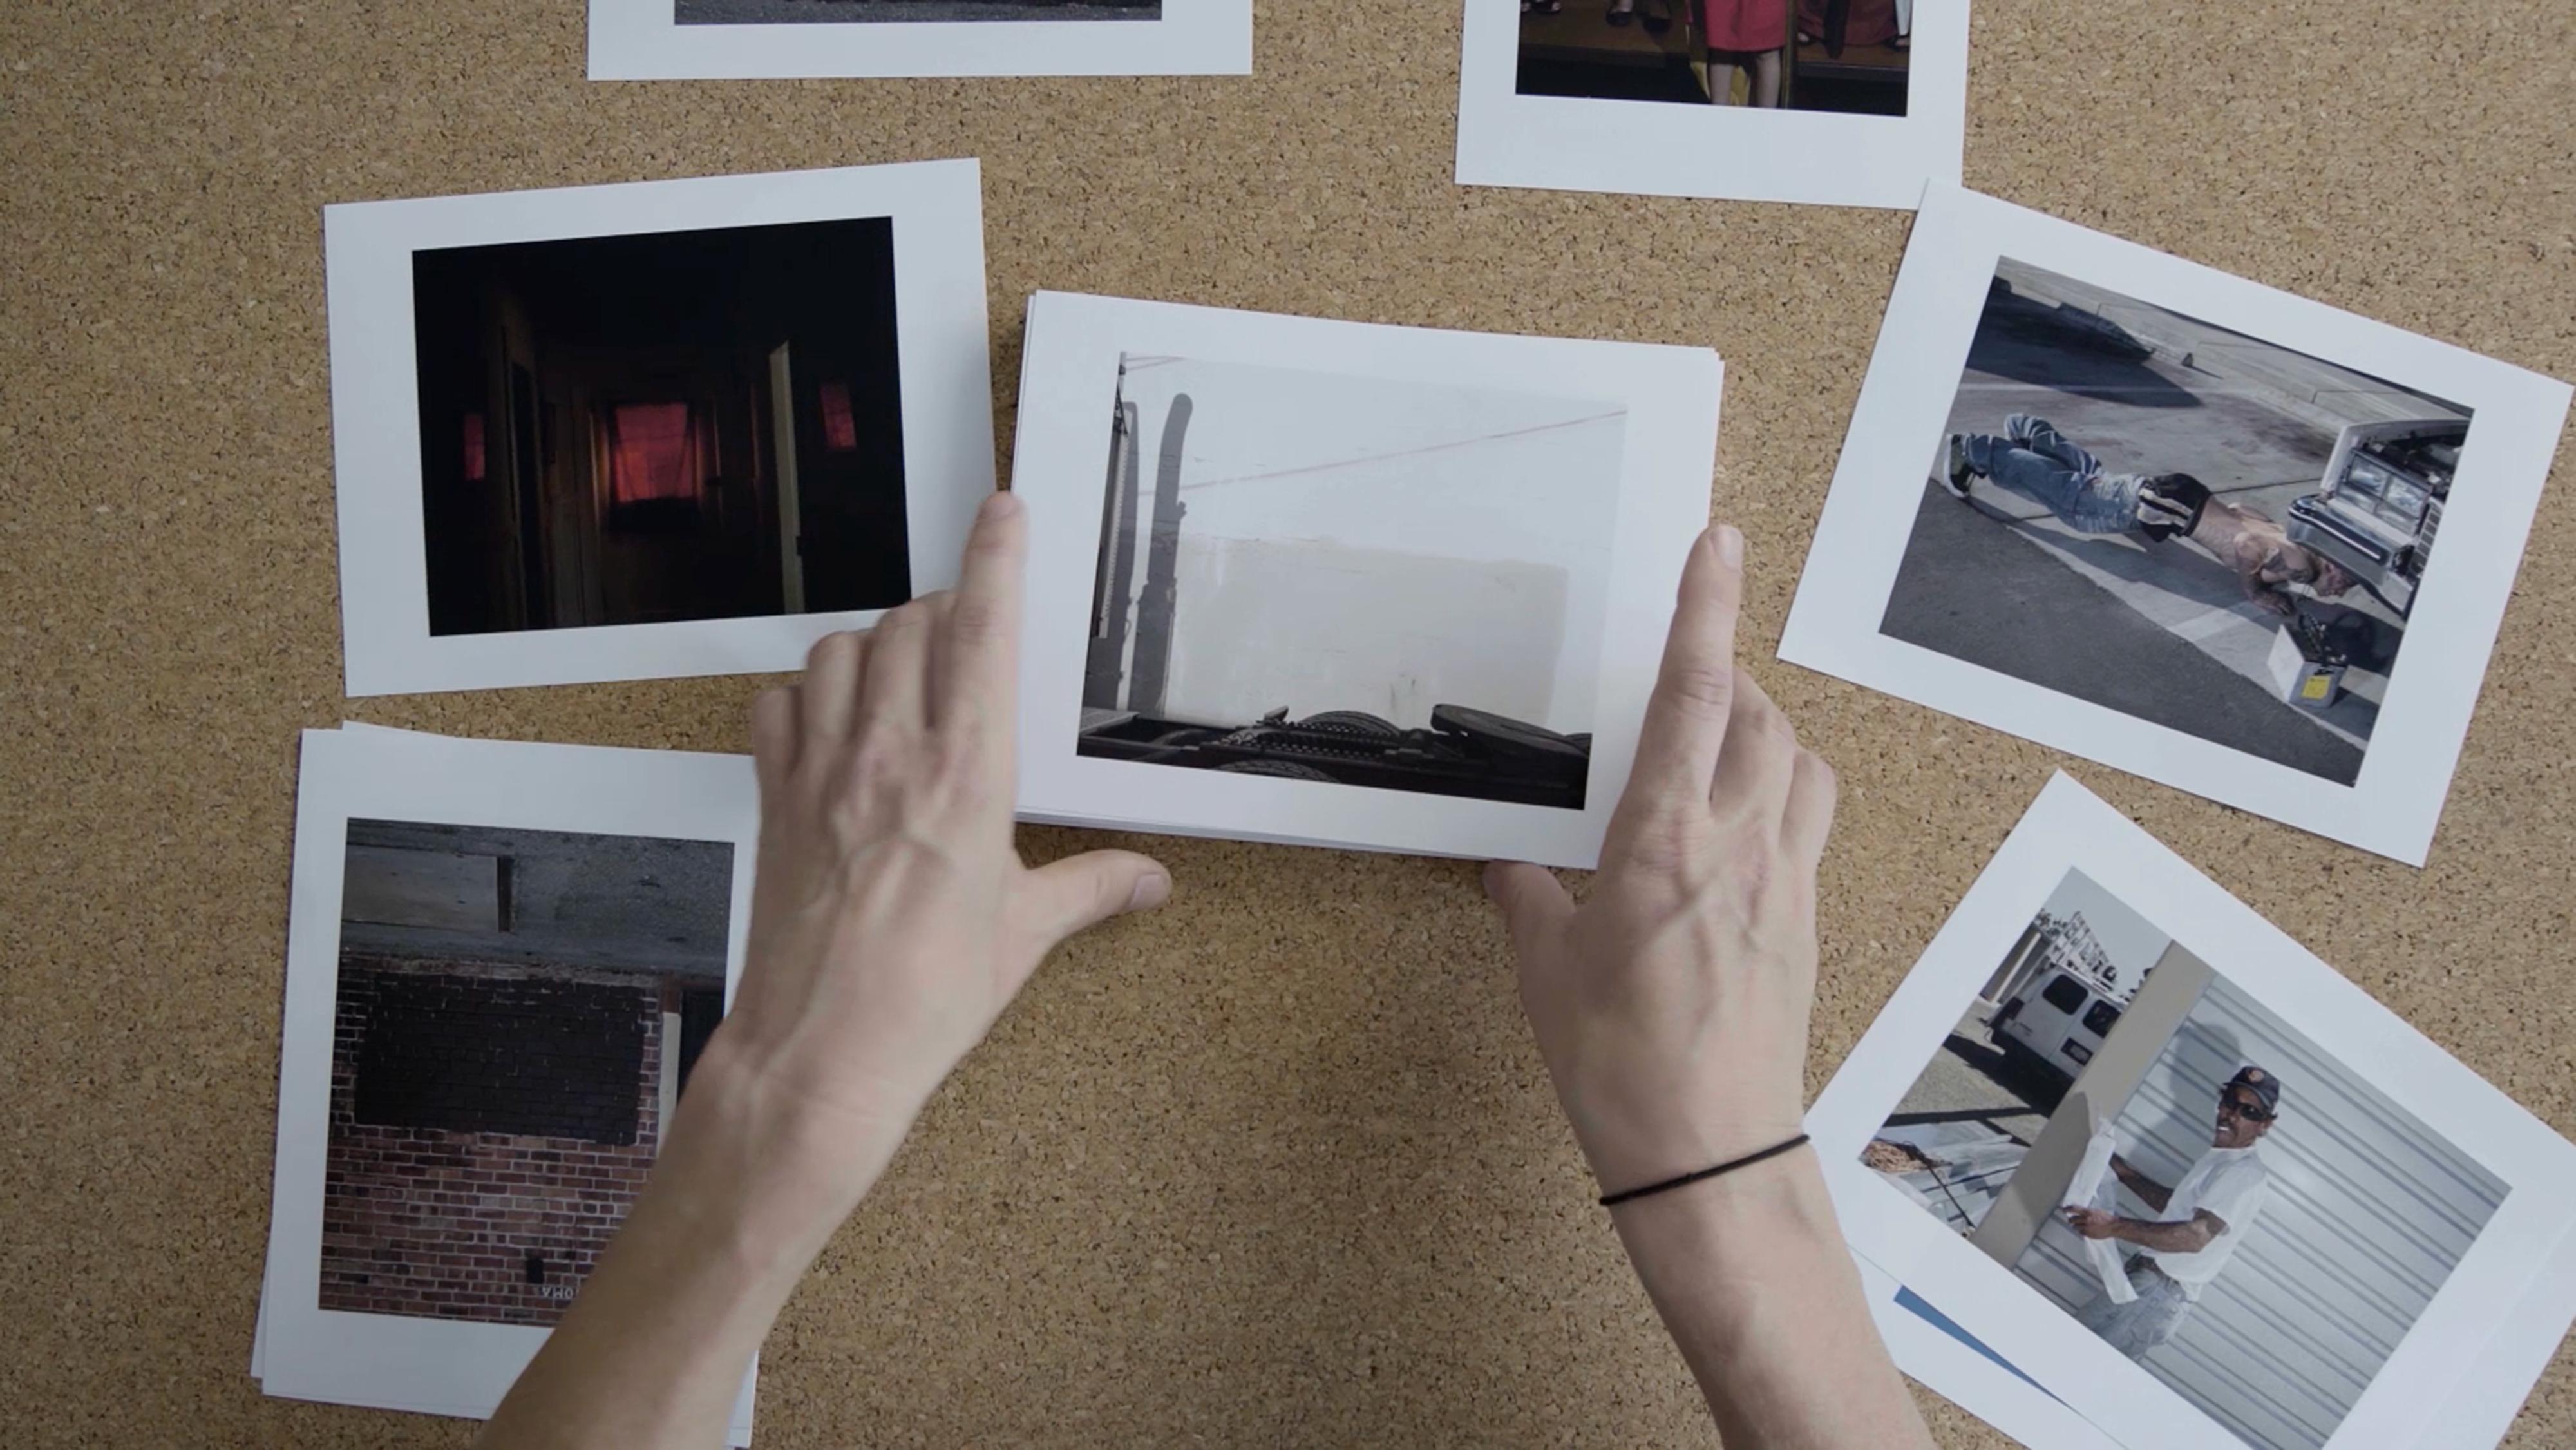 Magnum Photos launch online lessons